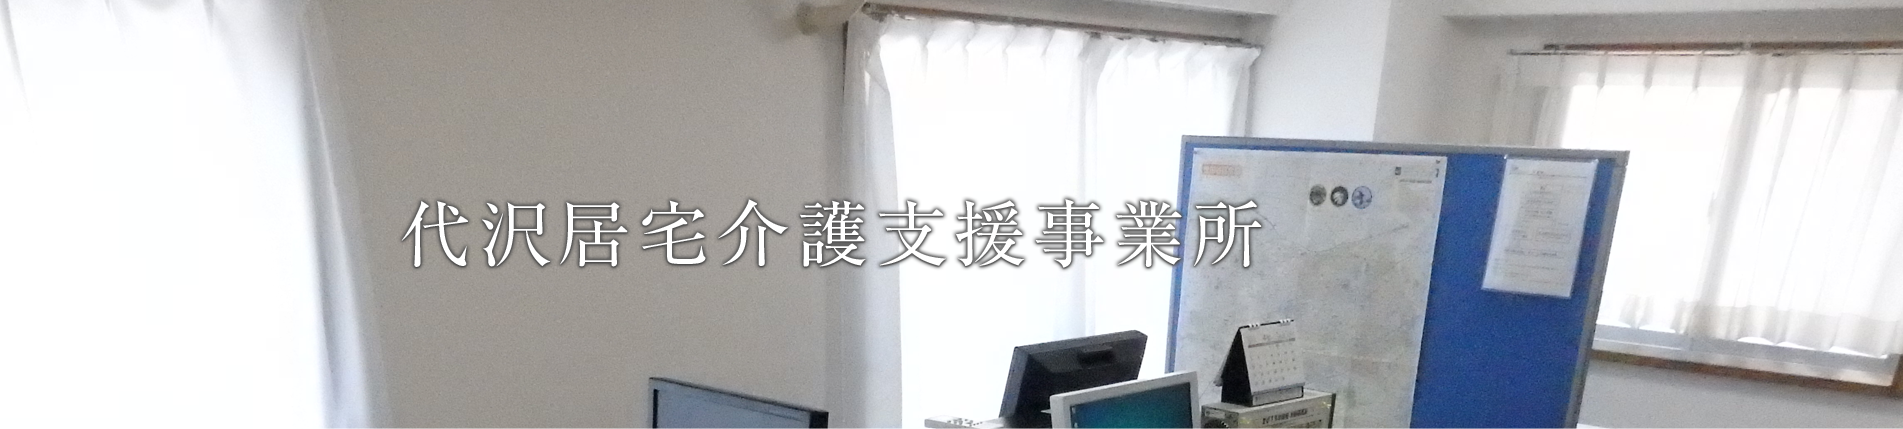 代沢居宅介護支援事業所